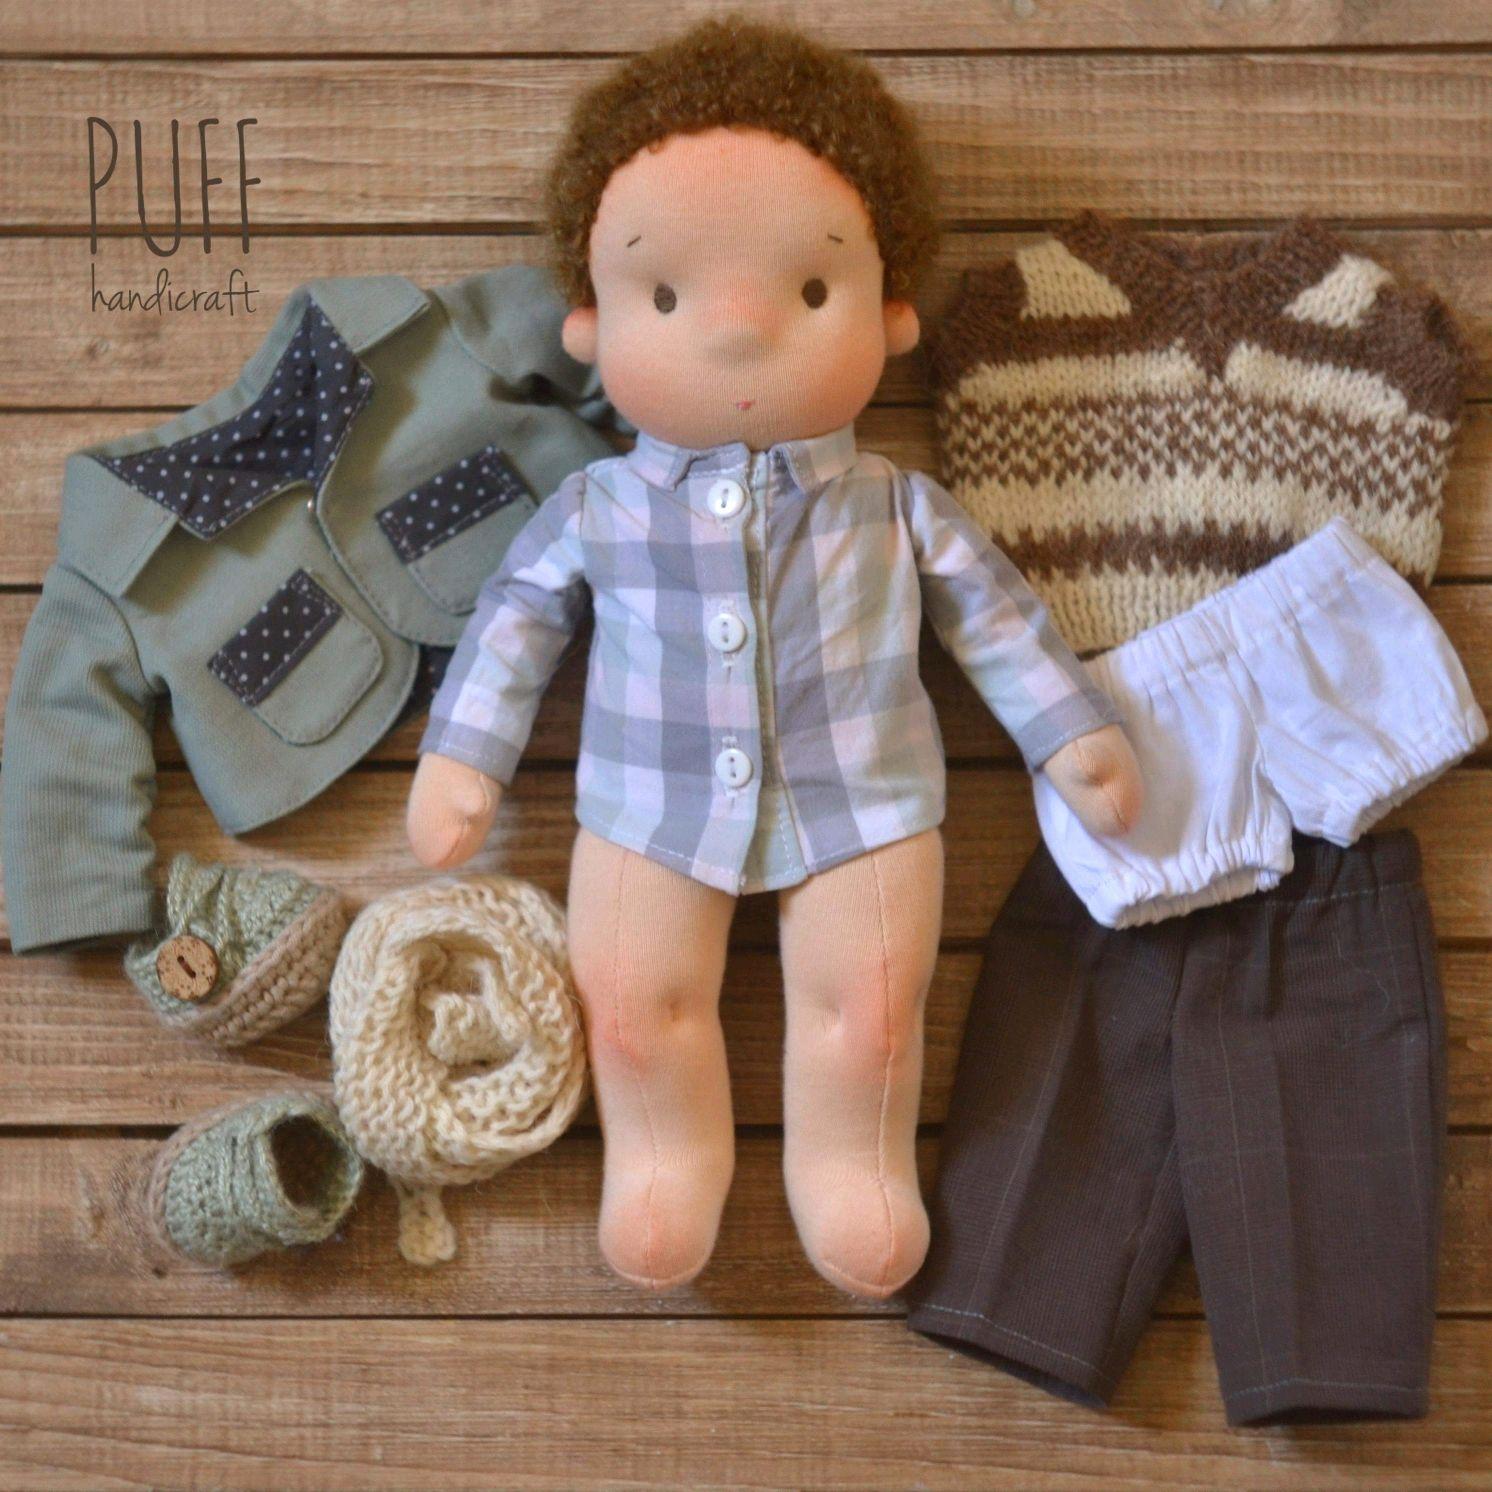 Вальдорфская кукла мальчик ростом 27 см, Вальдорфские куклы и звери, Одесса,  Фото №1